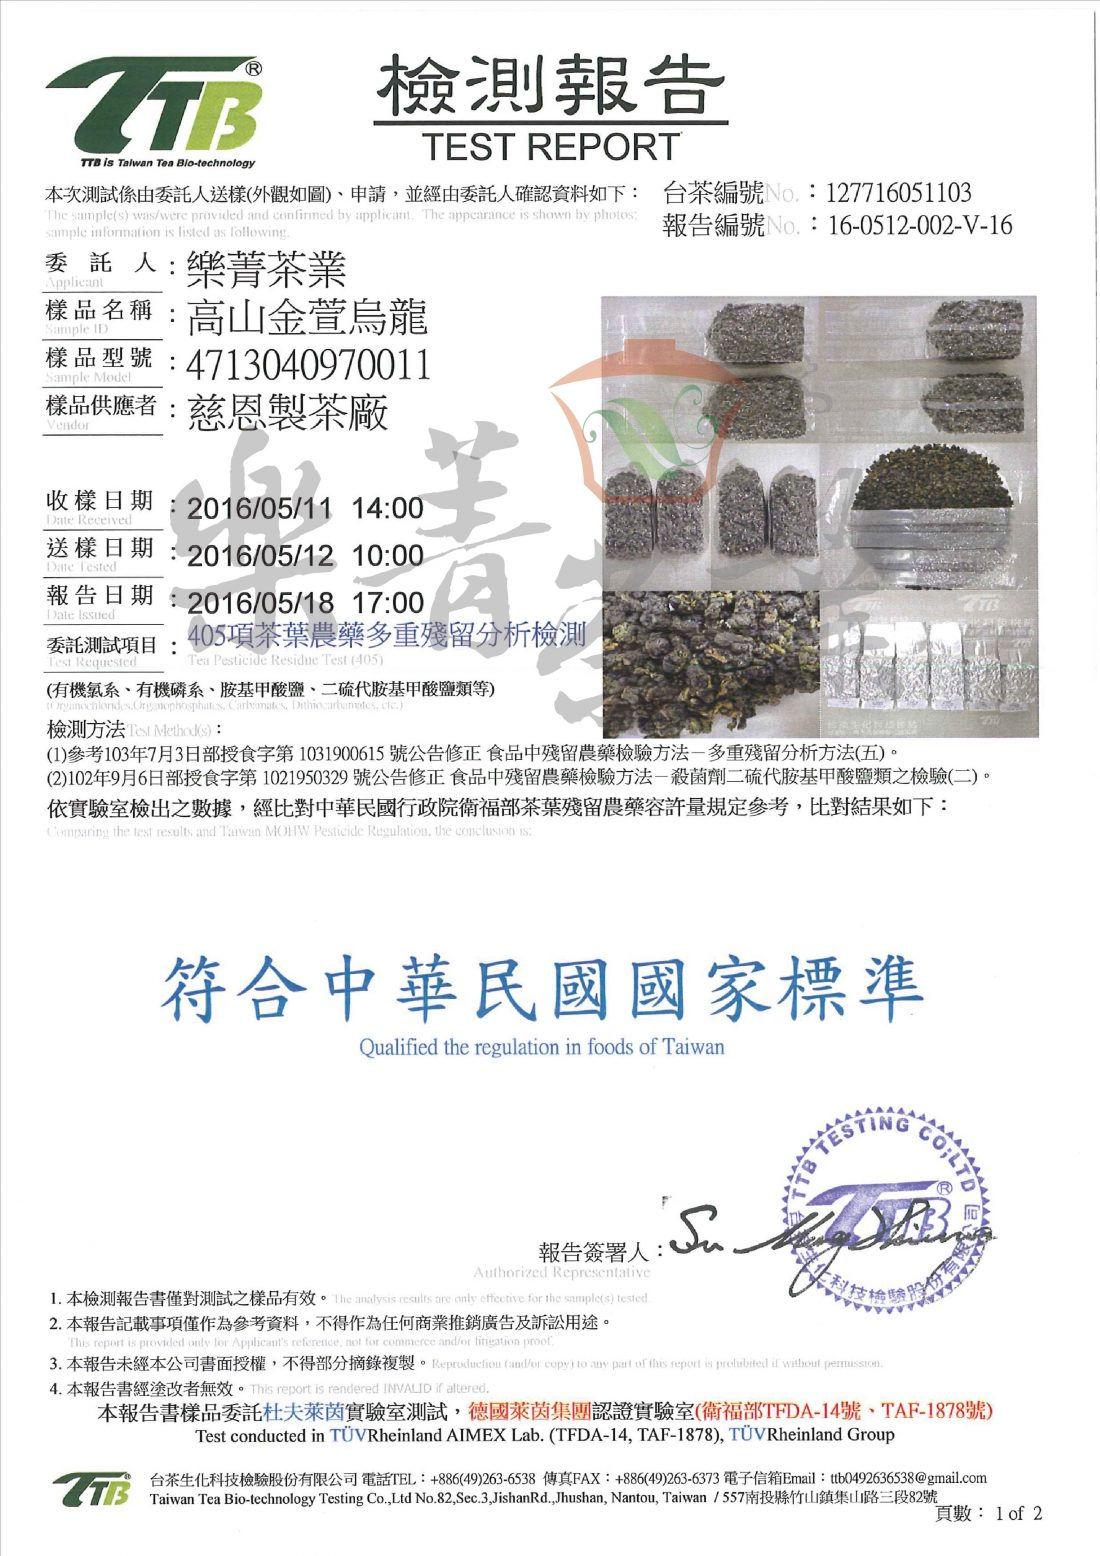 高山金萱烏龍-405項茶葉農藥殘留檢驗報告